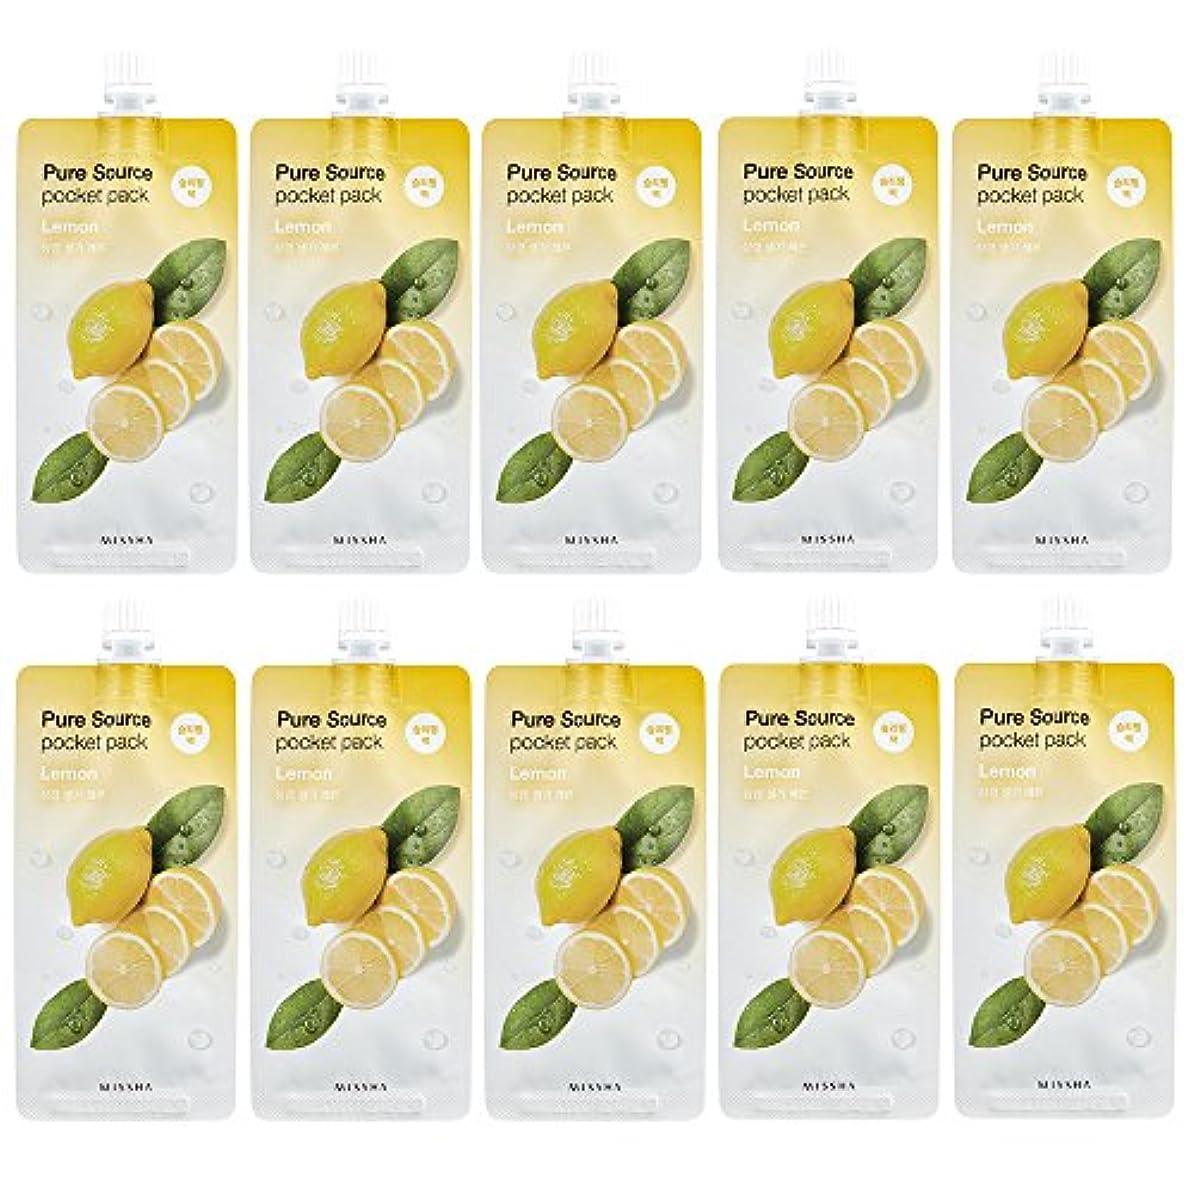 管理者破滅的な労苦ミシャ ピュア ソース ポケット パック 1個 レモン(スリーピングパック)